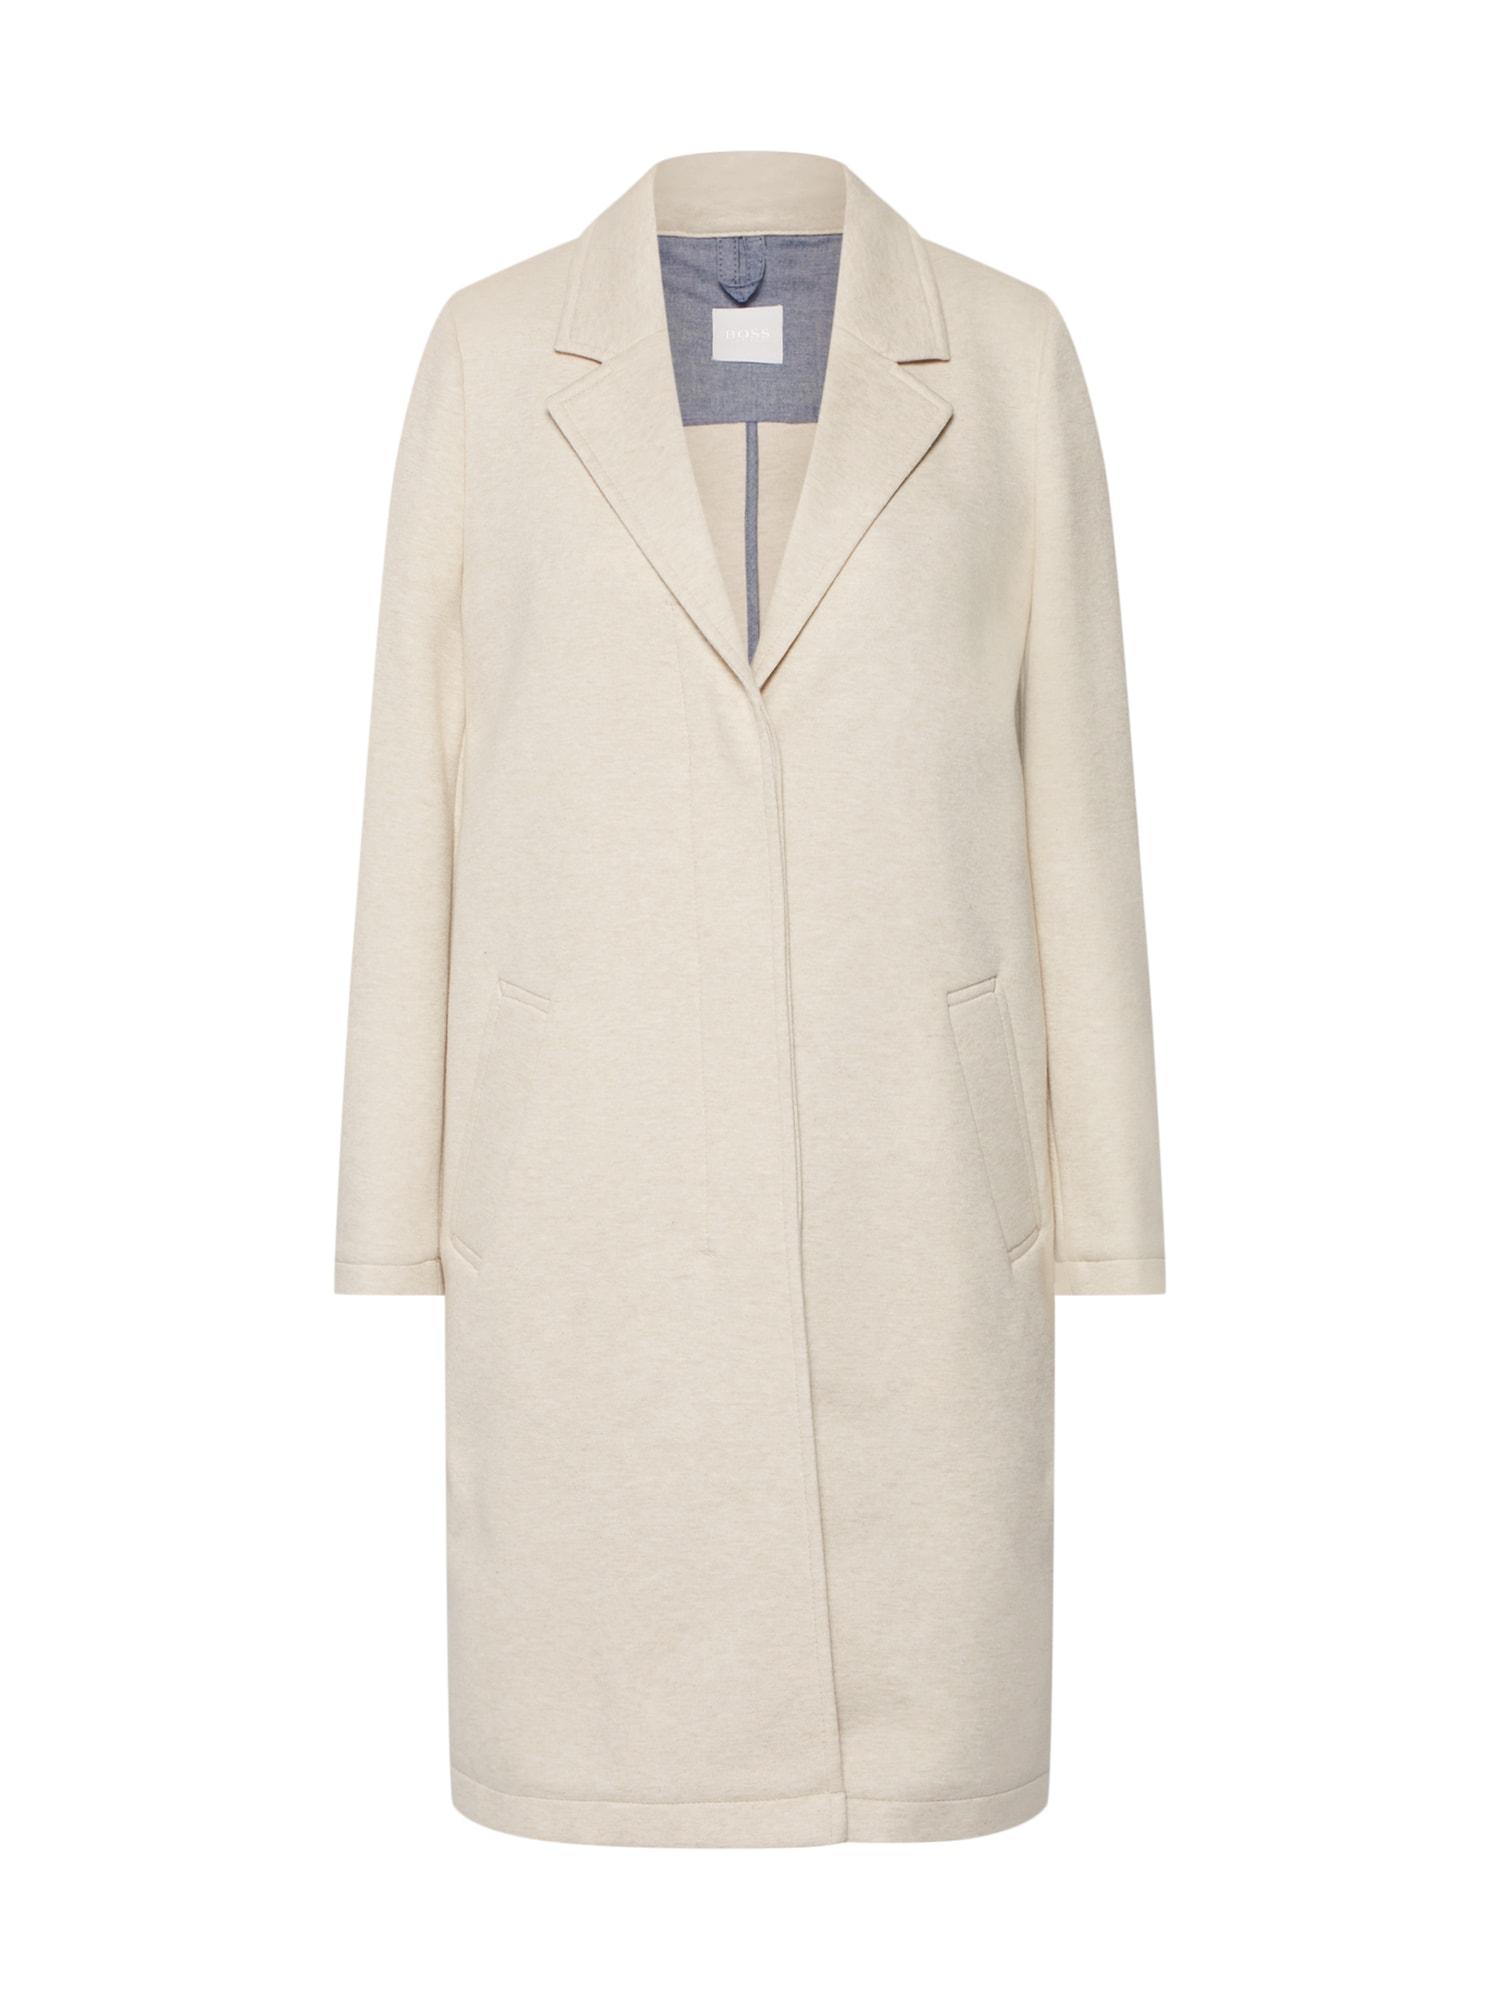 Přechodný kabát Ocomfy krémová BOSS